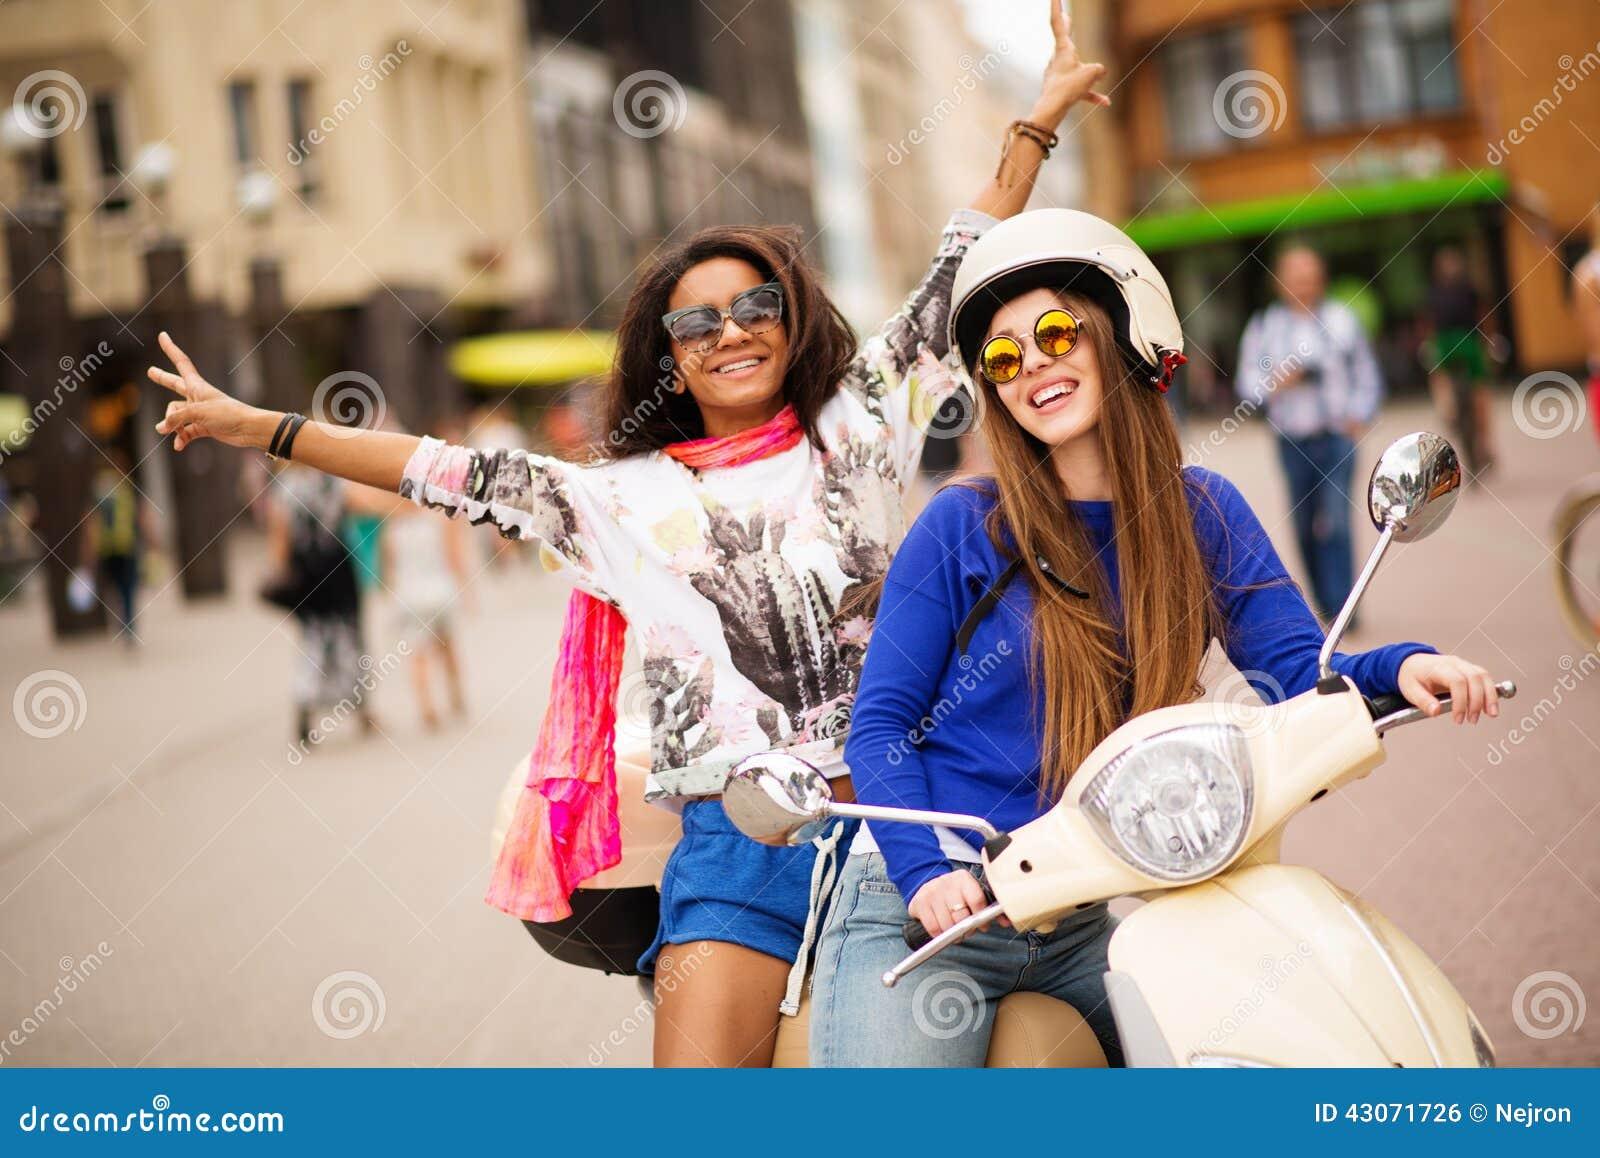 Meninas em um  trotinette  em uma cidade